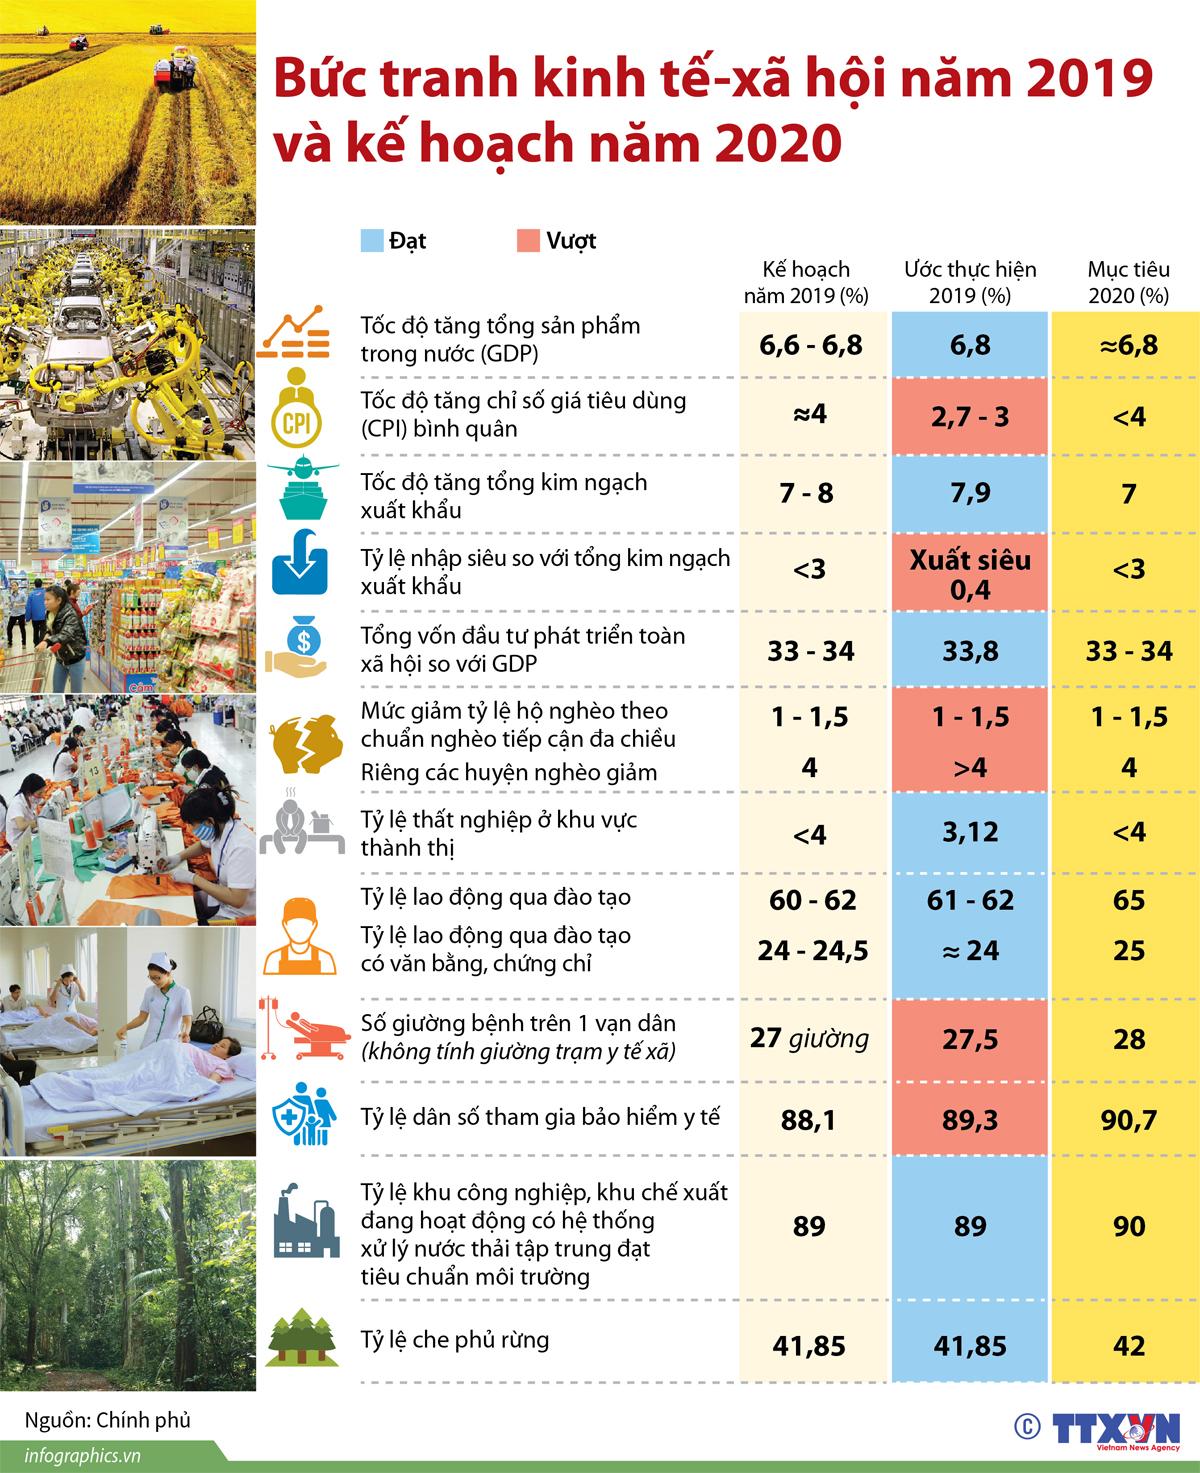 bức tranh kinh tế-xã hội, năm 2019, kế hoạch năm 2020